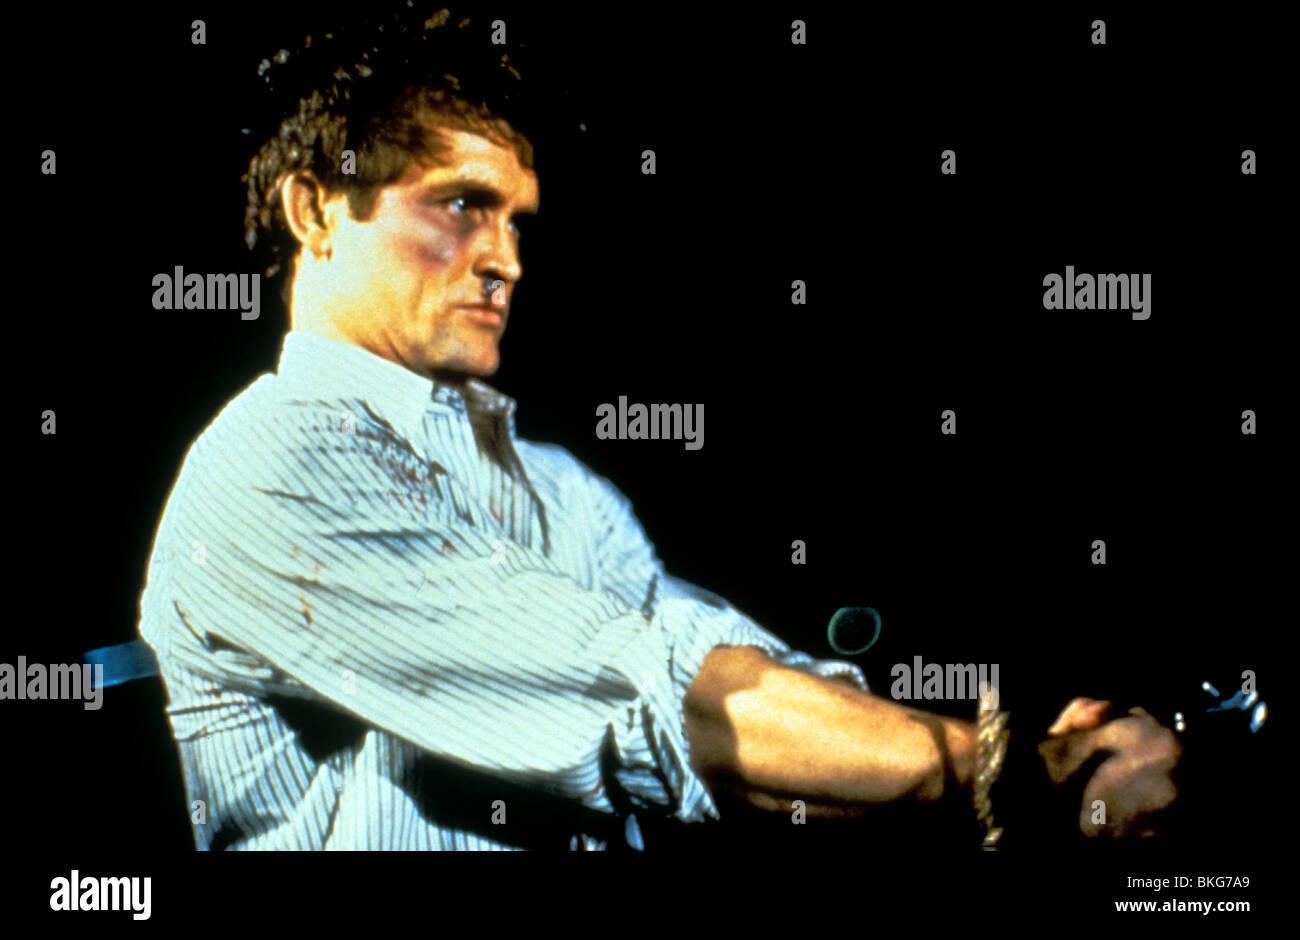 DEADLY RIVALS (1992) ANDREW STEVENS DRVL 007 - Stock Image